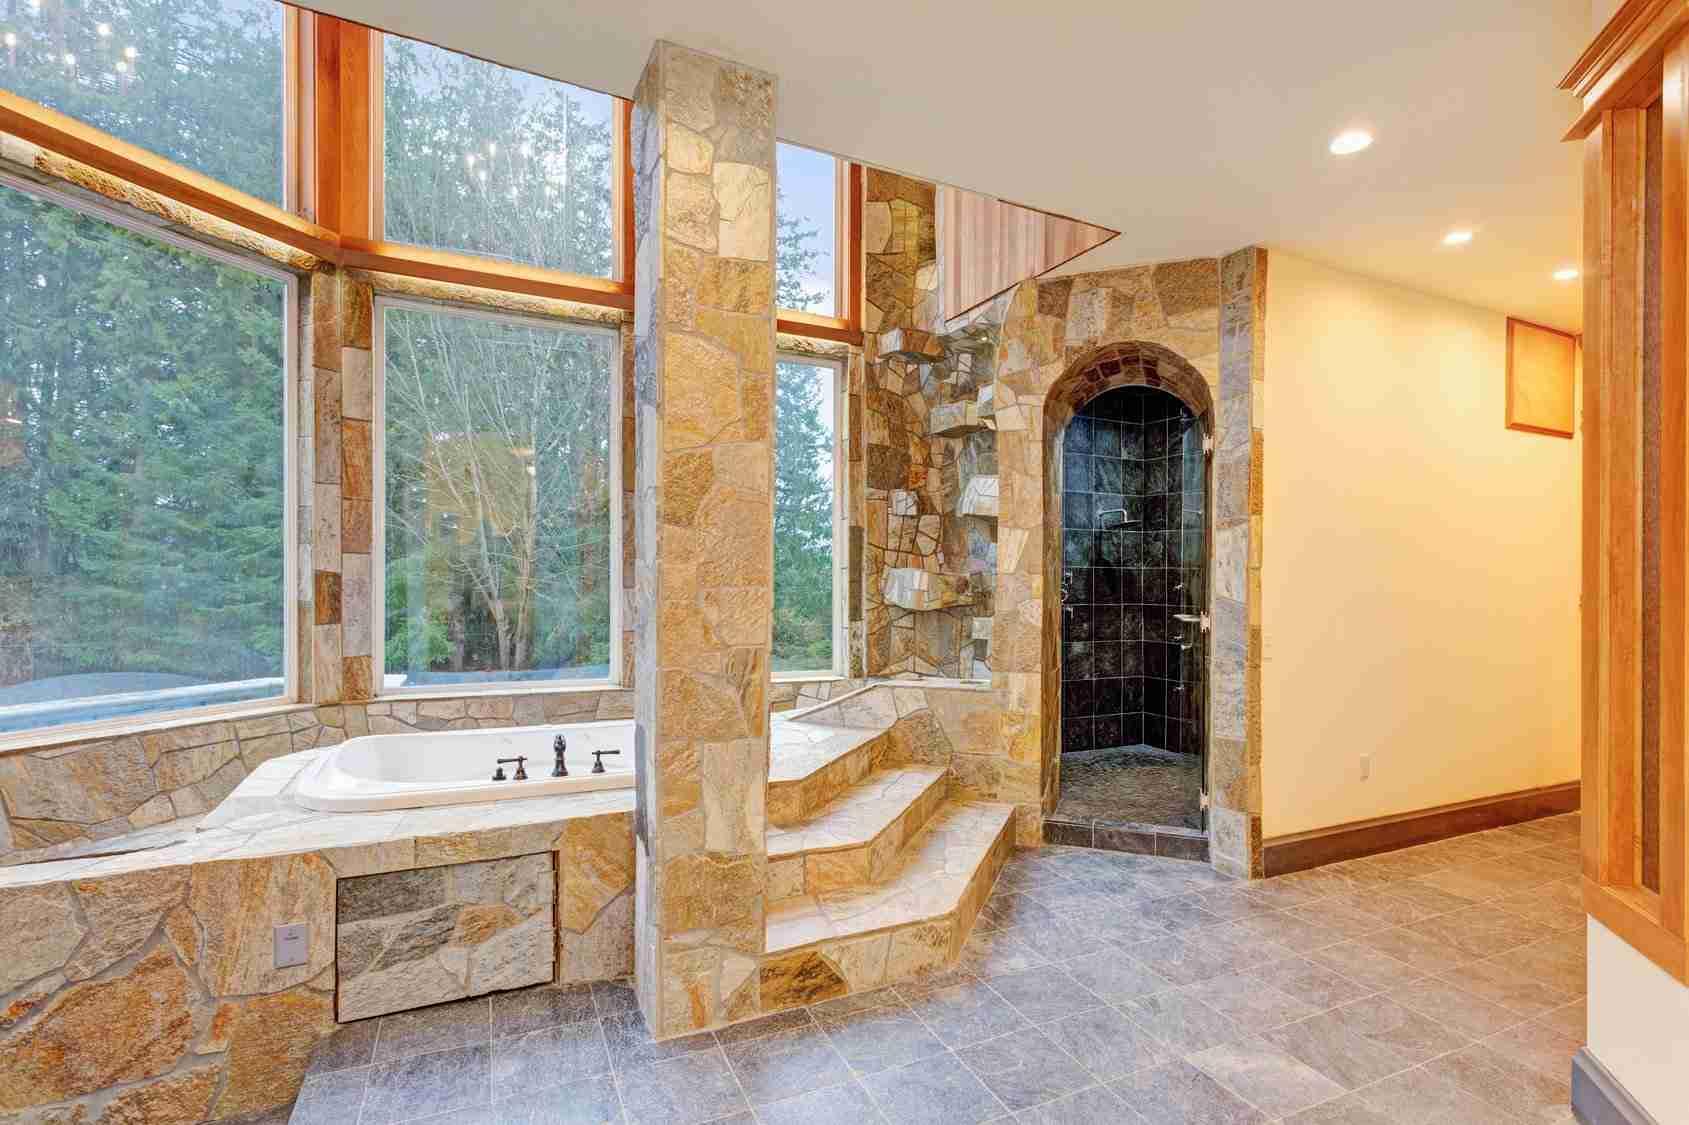 Custom Built Home with Luxurious Master Bathroom